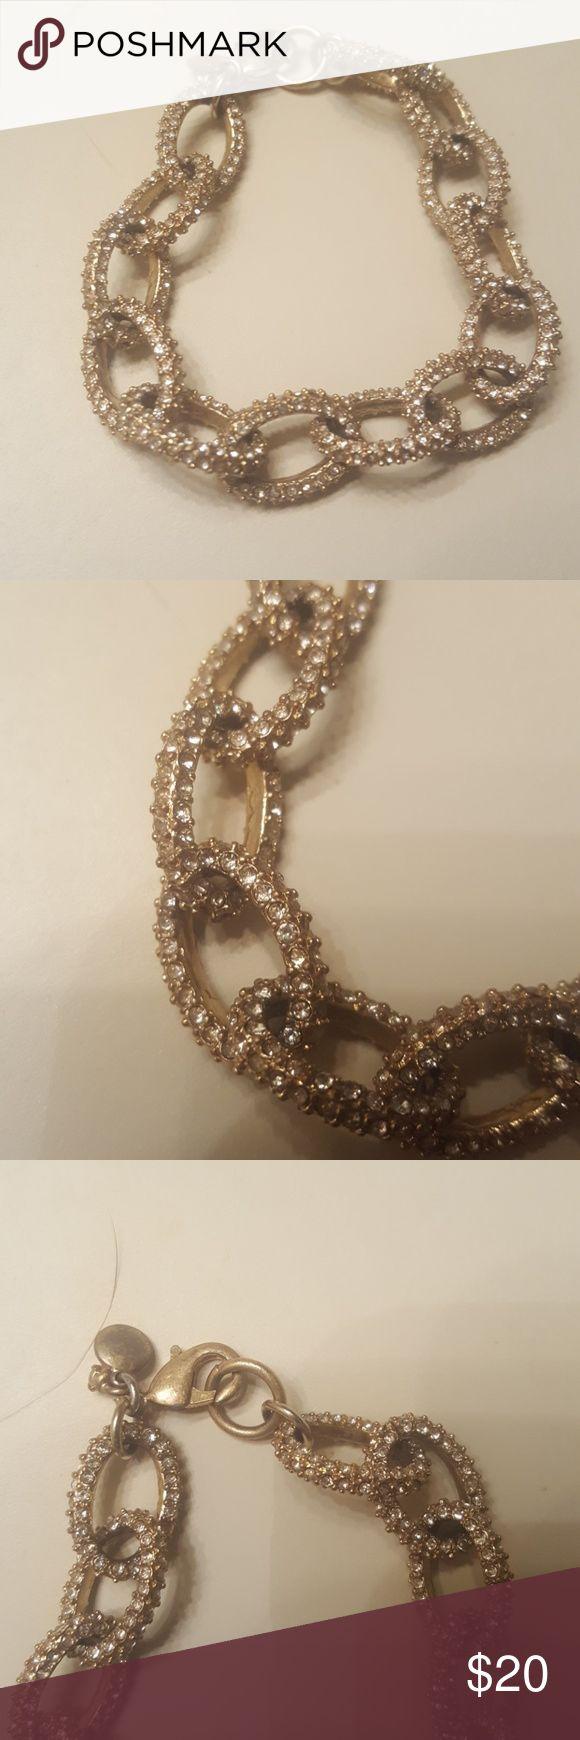 J.Crew chain link bracelet Small chain links, jeweled. $20, but will negotiate J. Crew Jewelry Bracelets